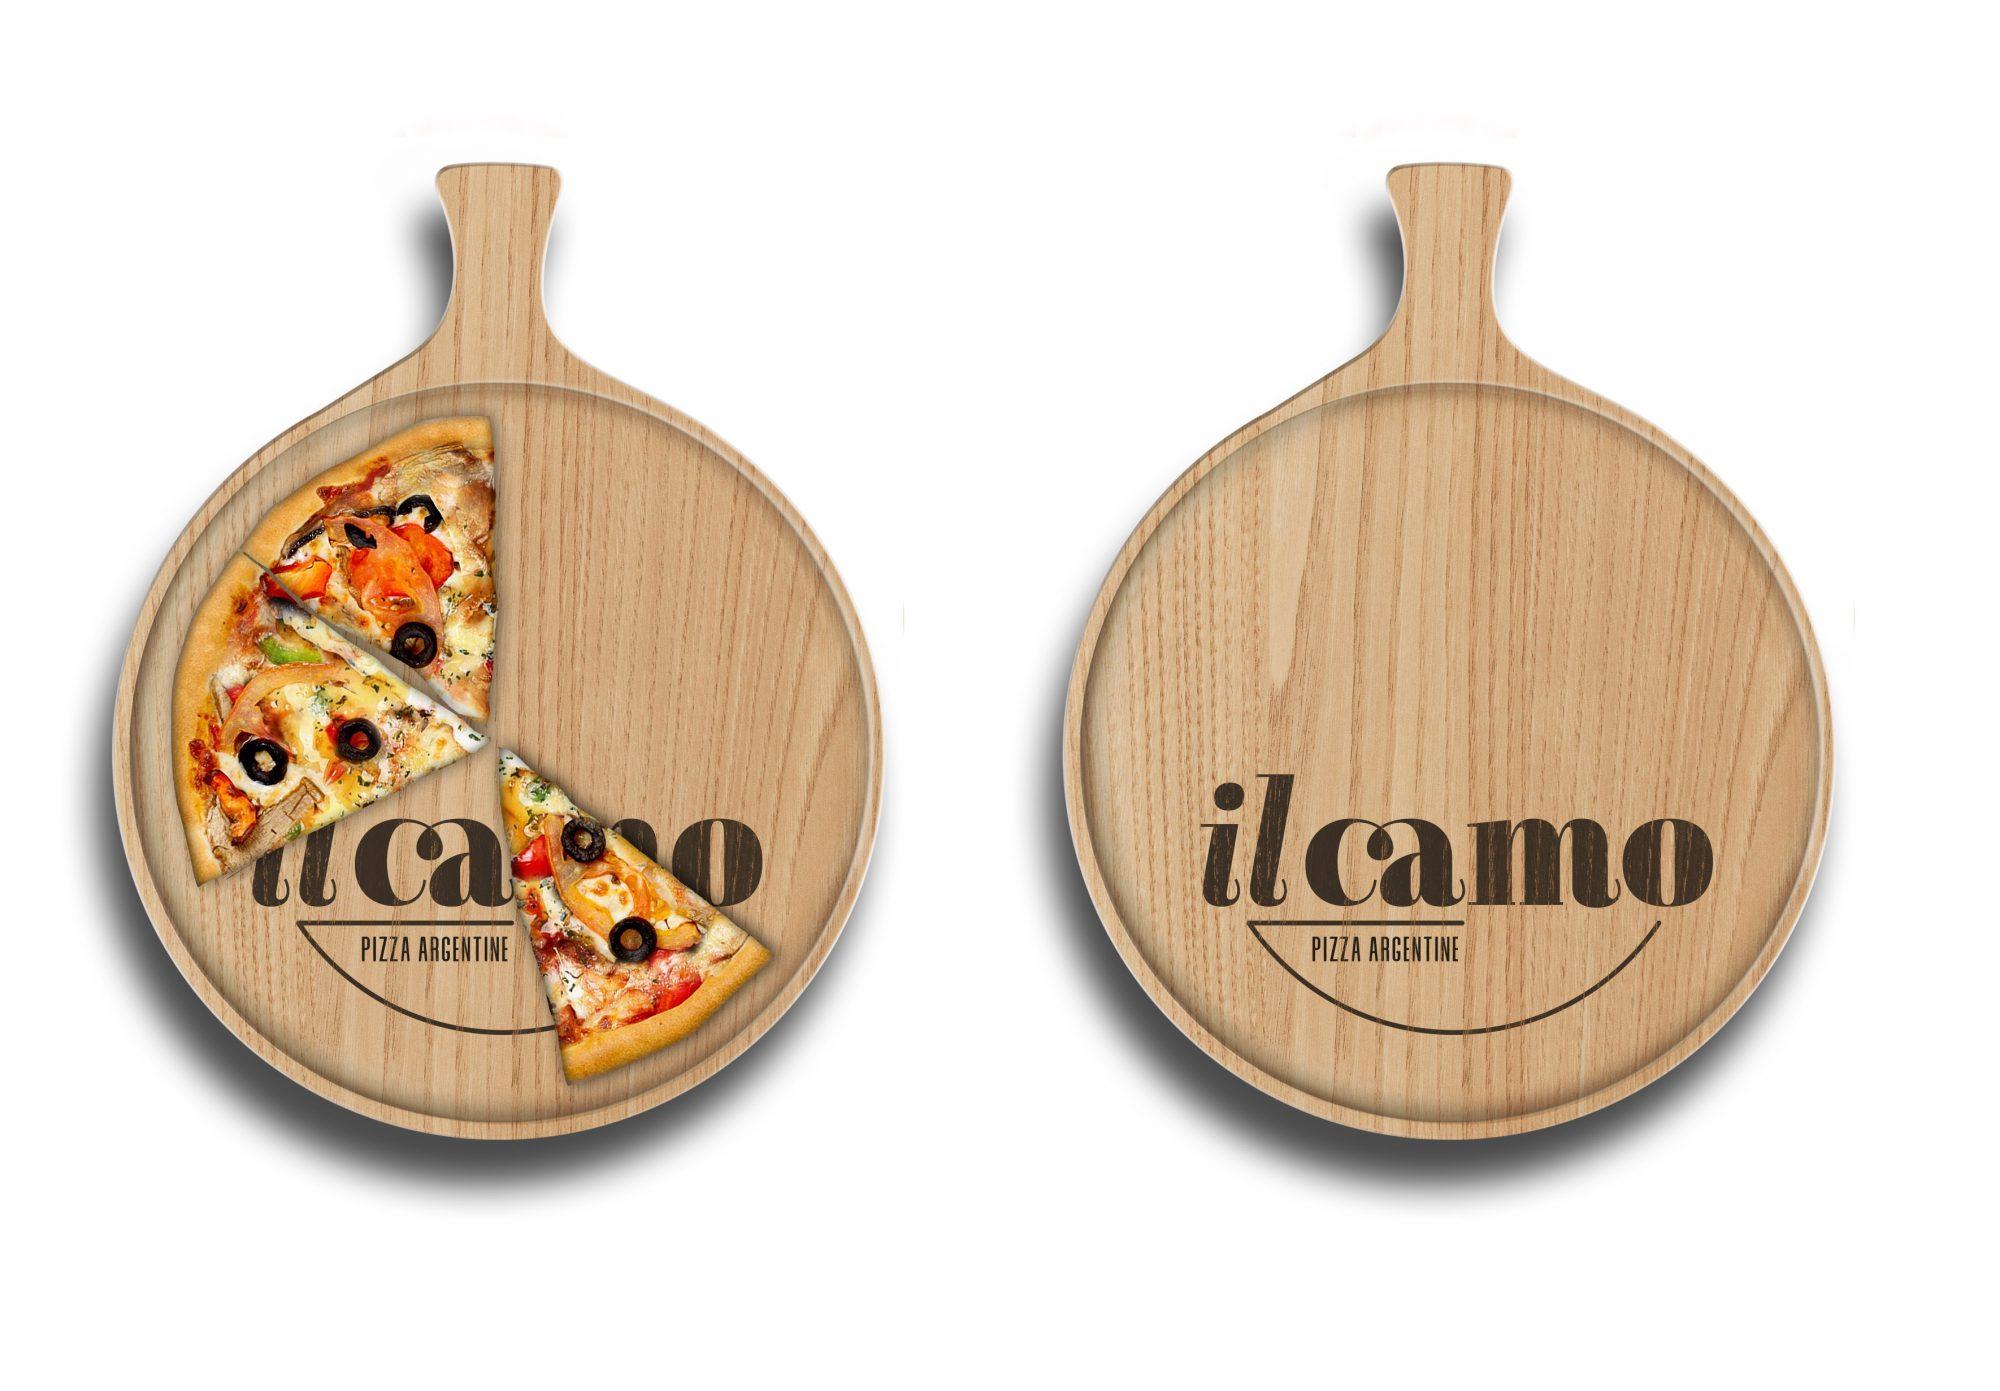 il camo – wooden pizza